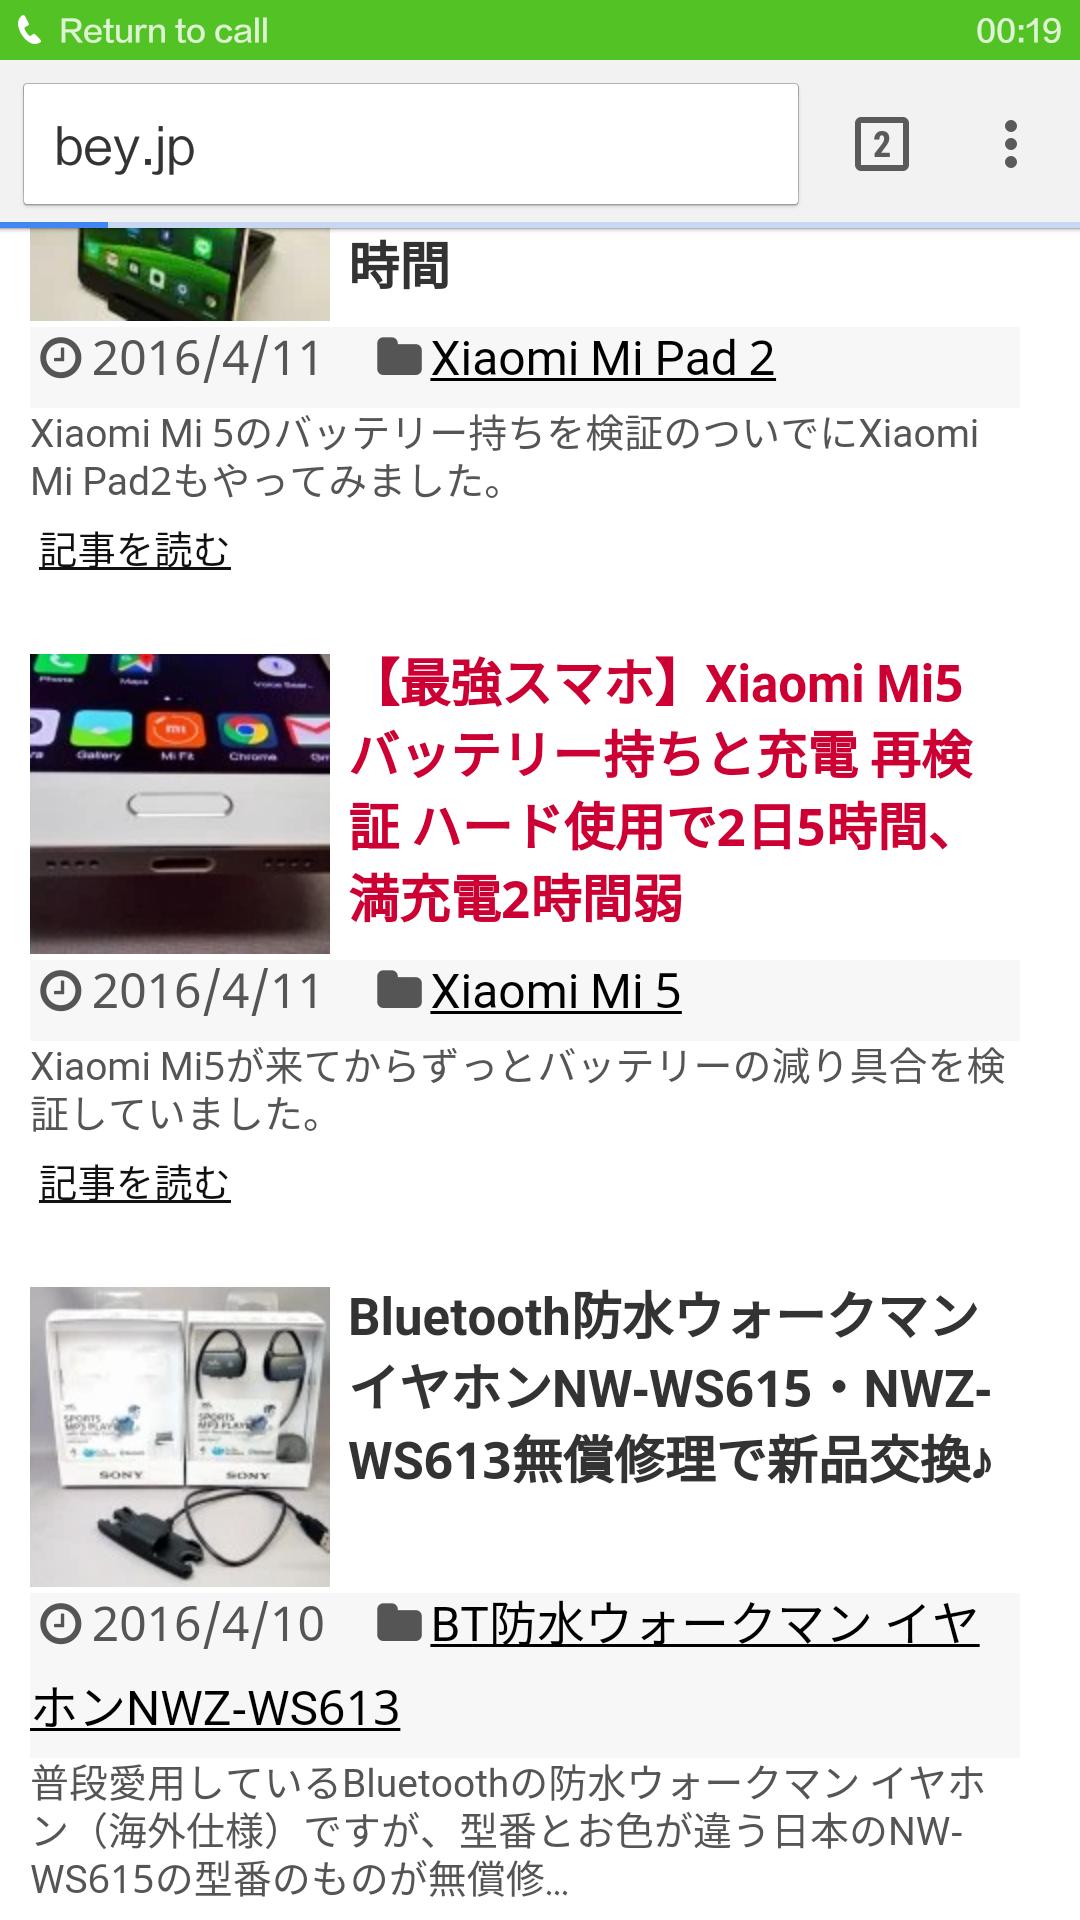 Bey.jpの記事ページをクリック